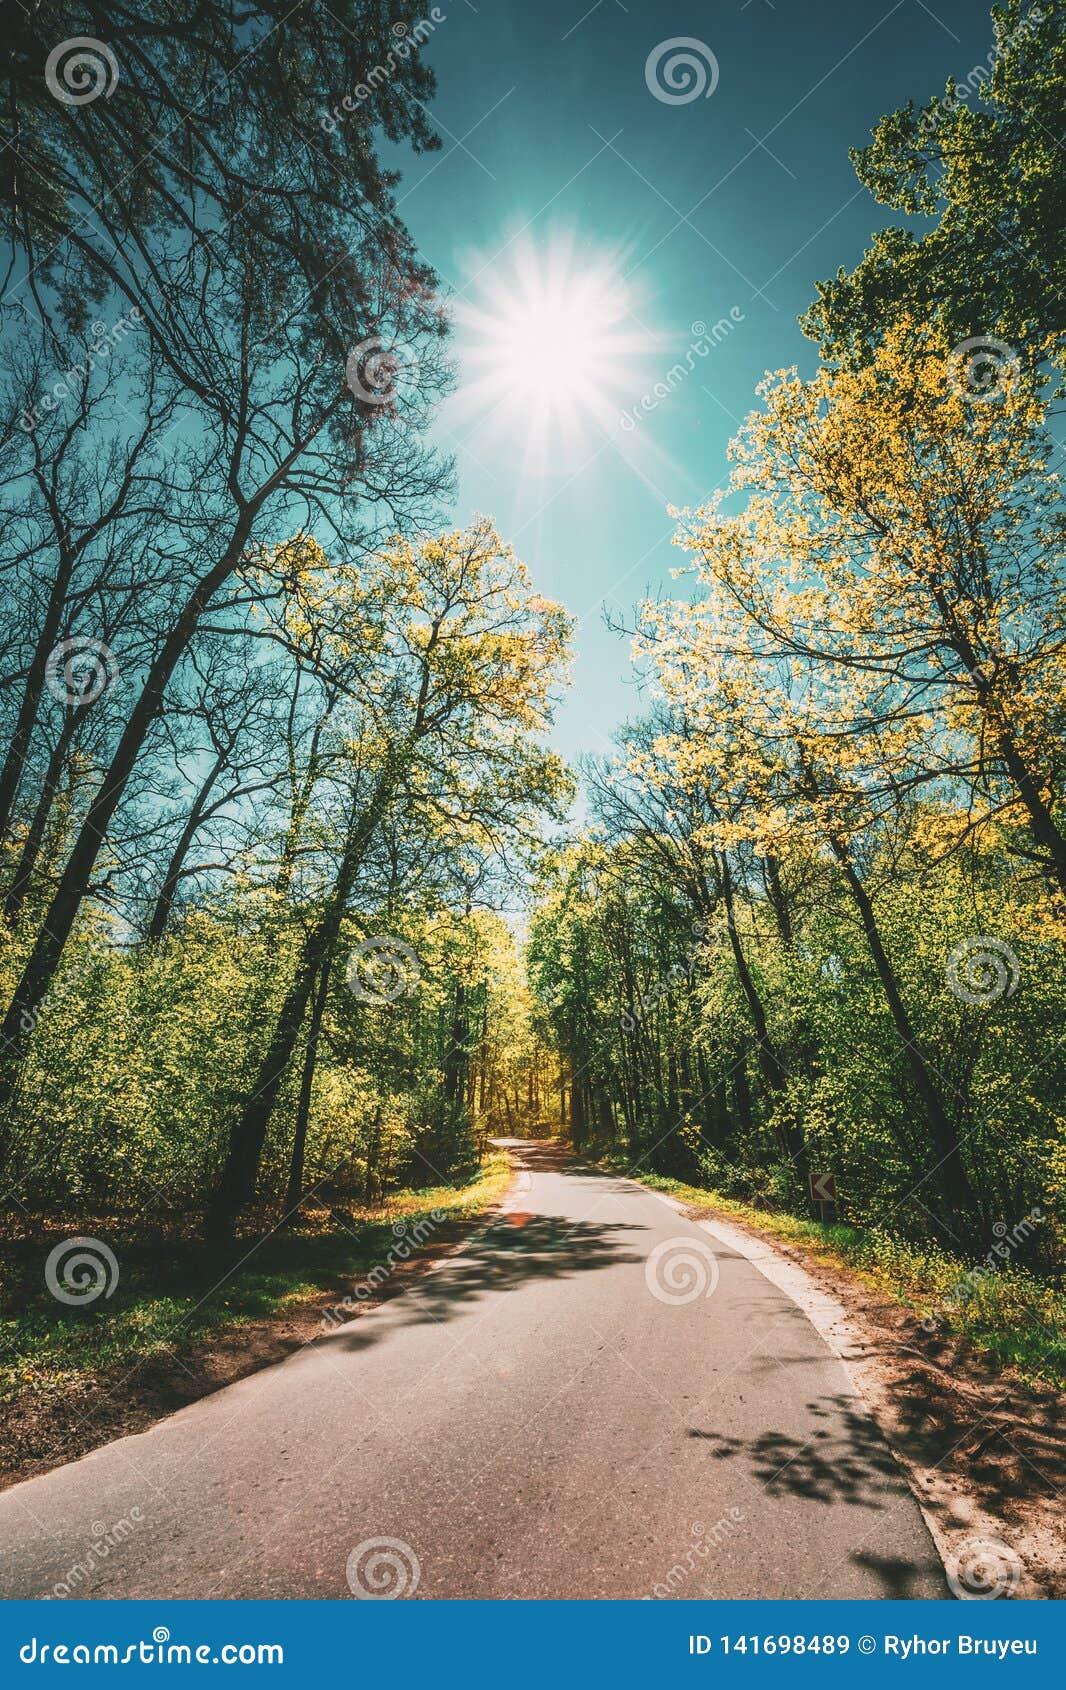 Buen día de Asphalt Forest Road In Sunny Summer Carril que corre a través de bosque de hojas caducas de la primavera